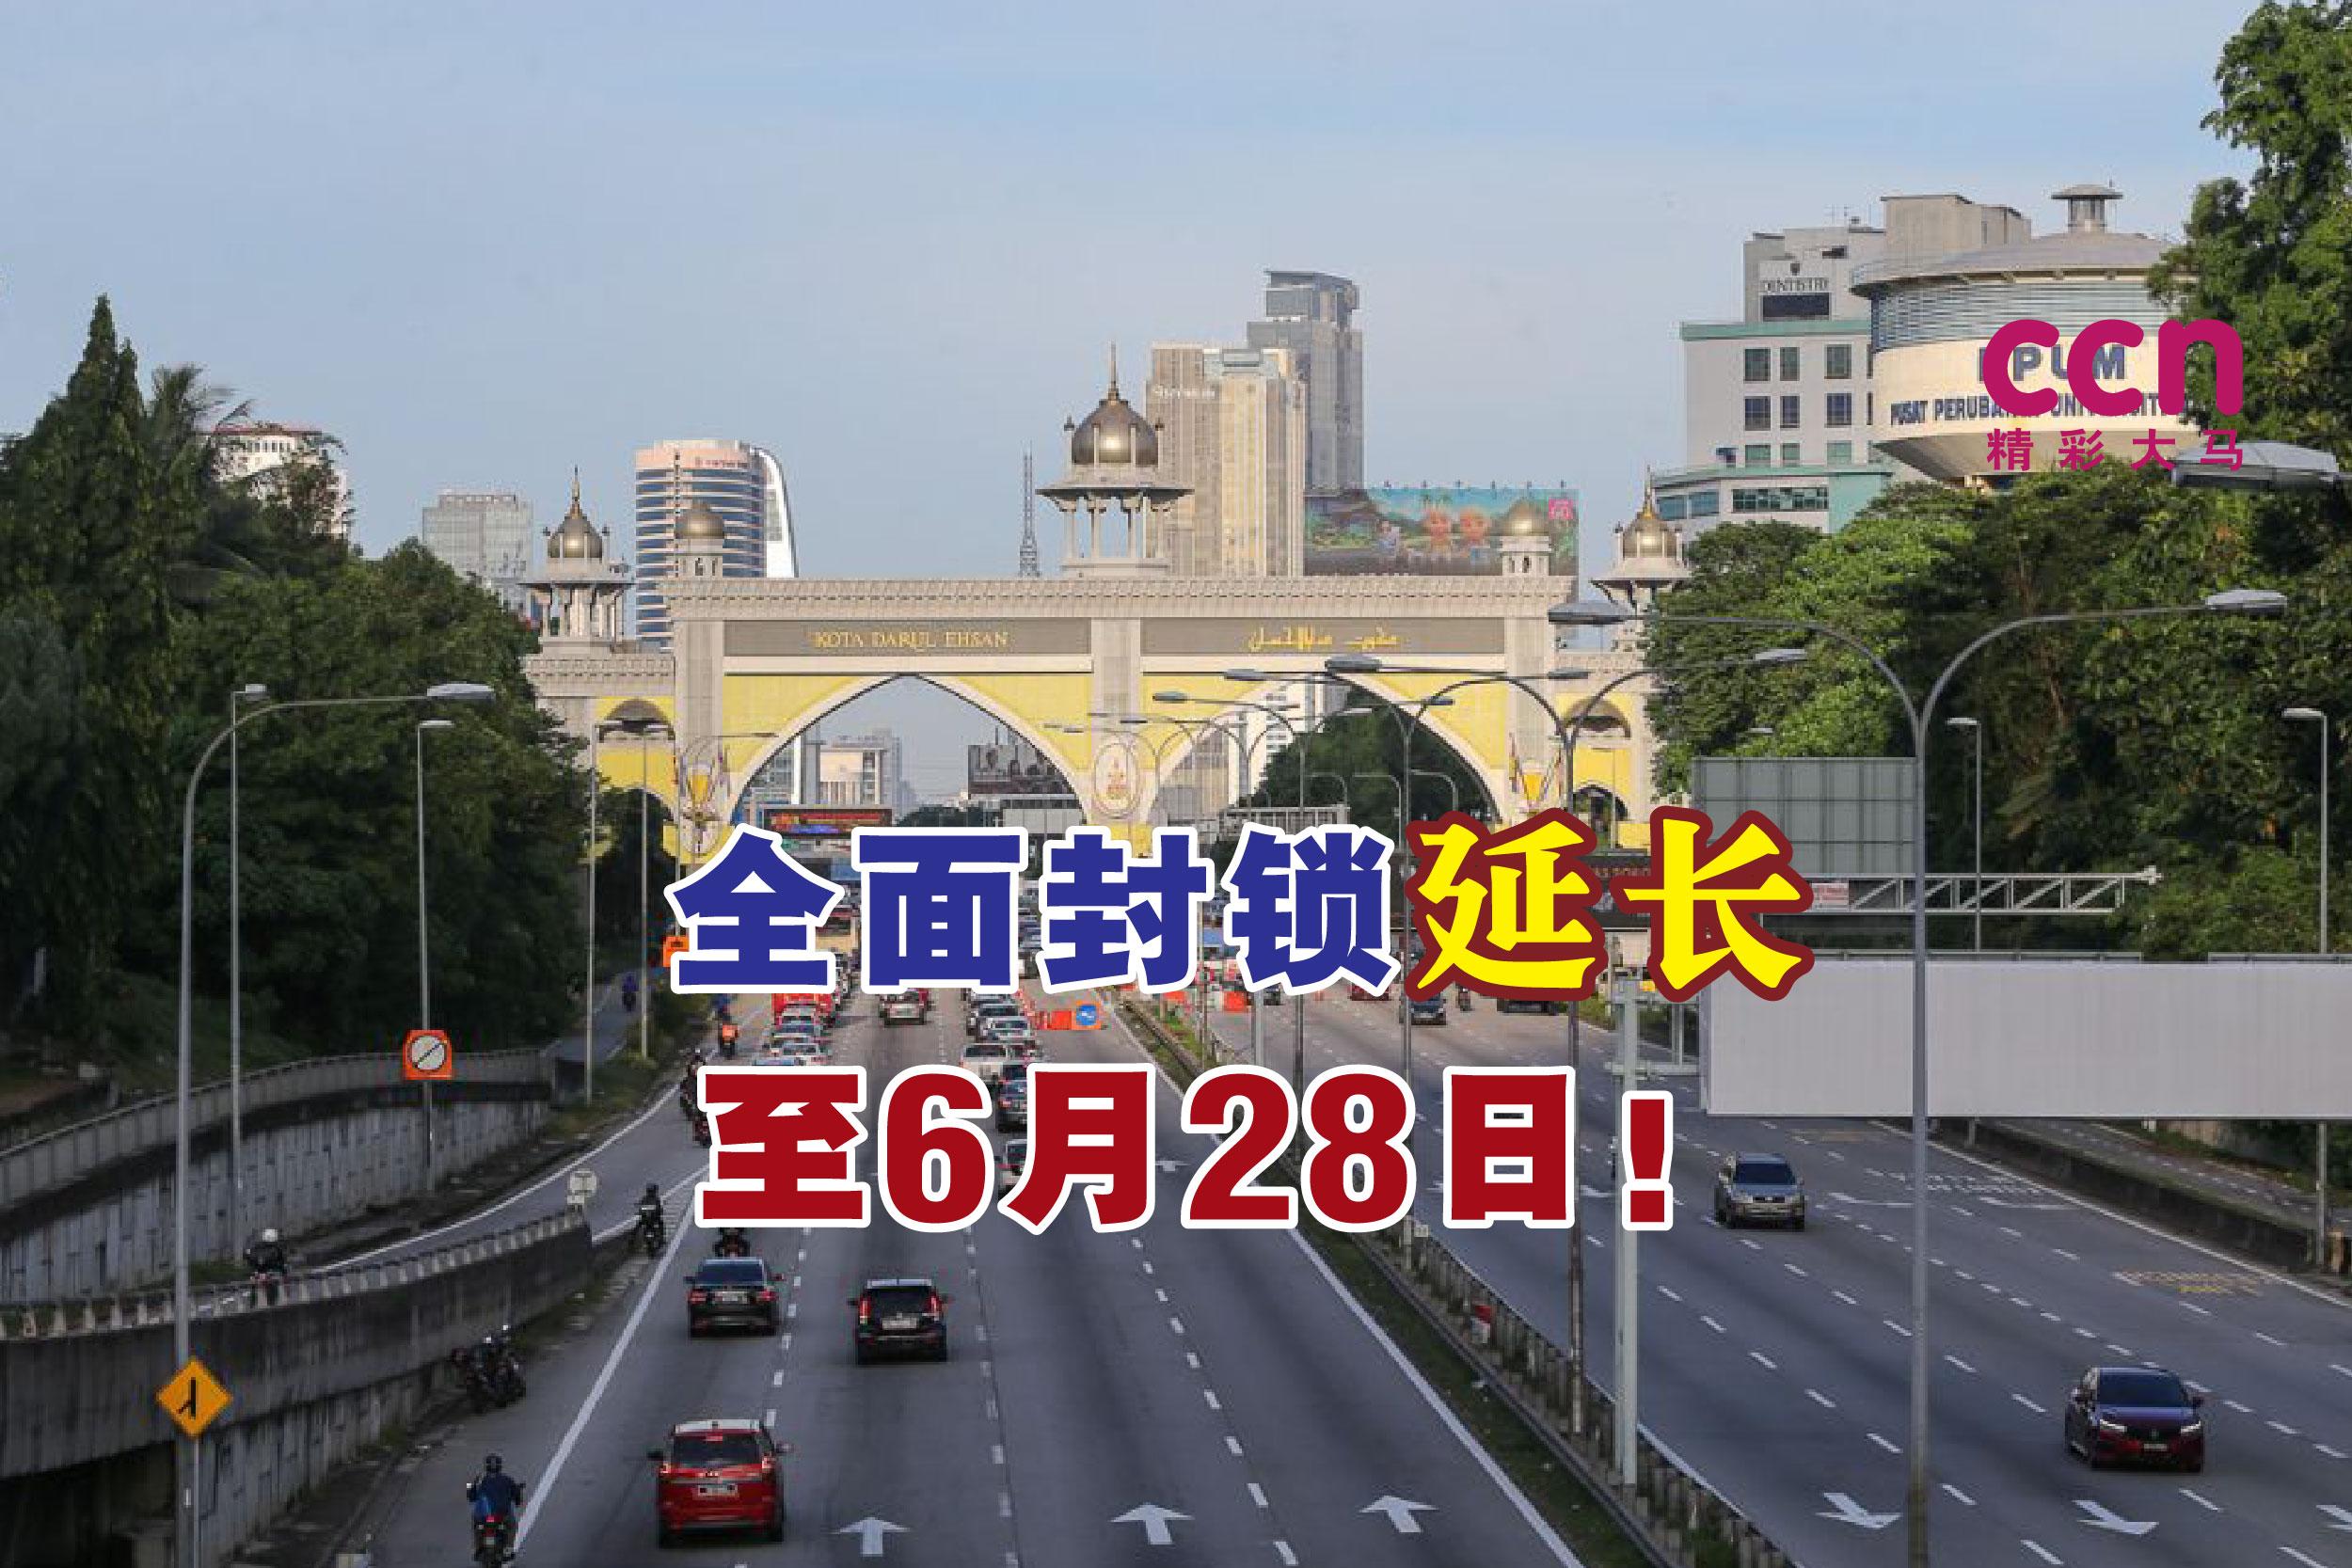 首阶段全面封锁将从6月15日延长至6月28日。-精彩大马制图-